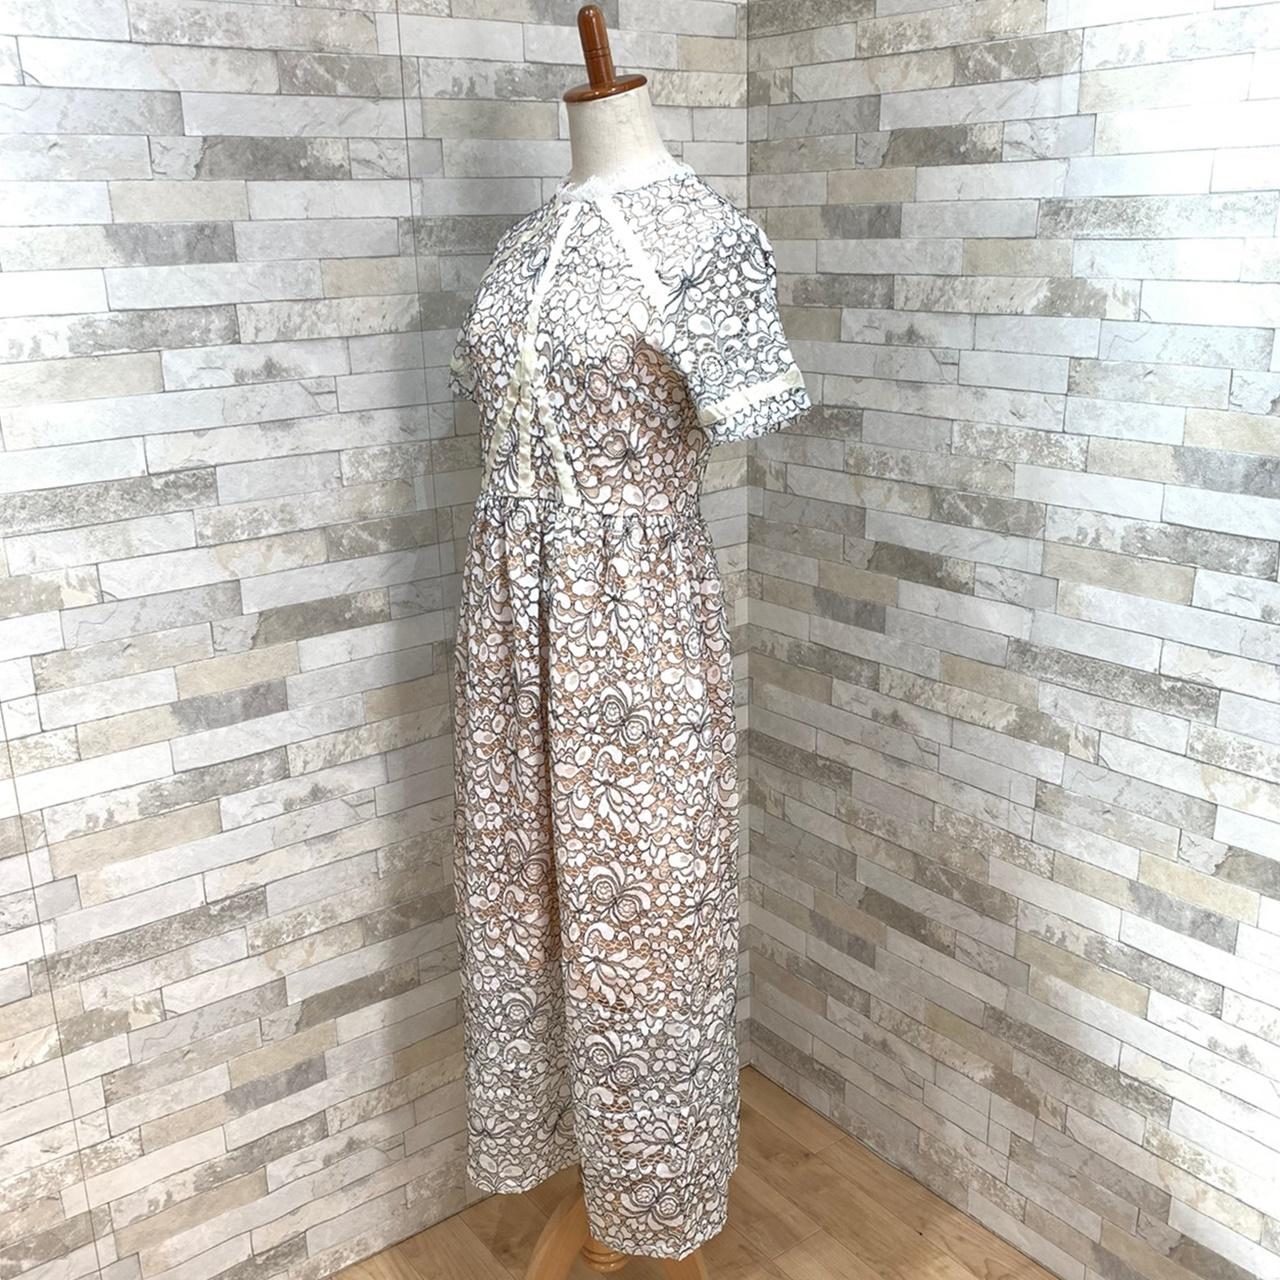 【即納】韓国 ファッション ワンピース パーティードレス ロング マキシ 夏 春 パーティー ブライダル SPTXE760 結婚式 お呼ばれ 総レース スタンドカラー ギャザ 二次会 セレブ きれいめの写真6枚目